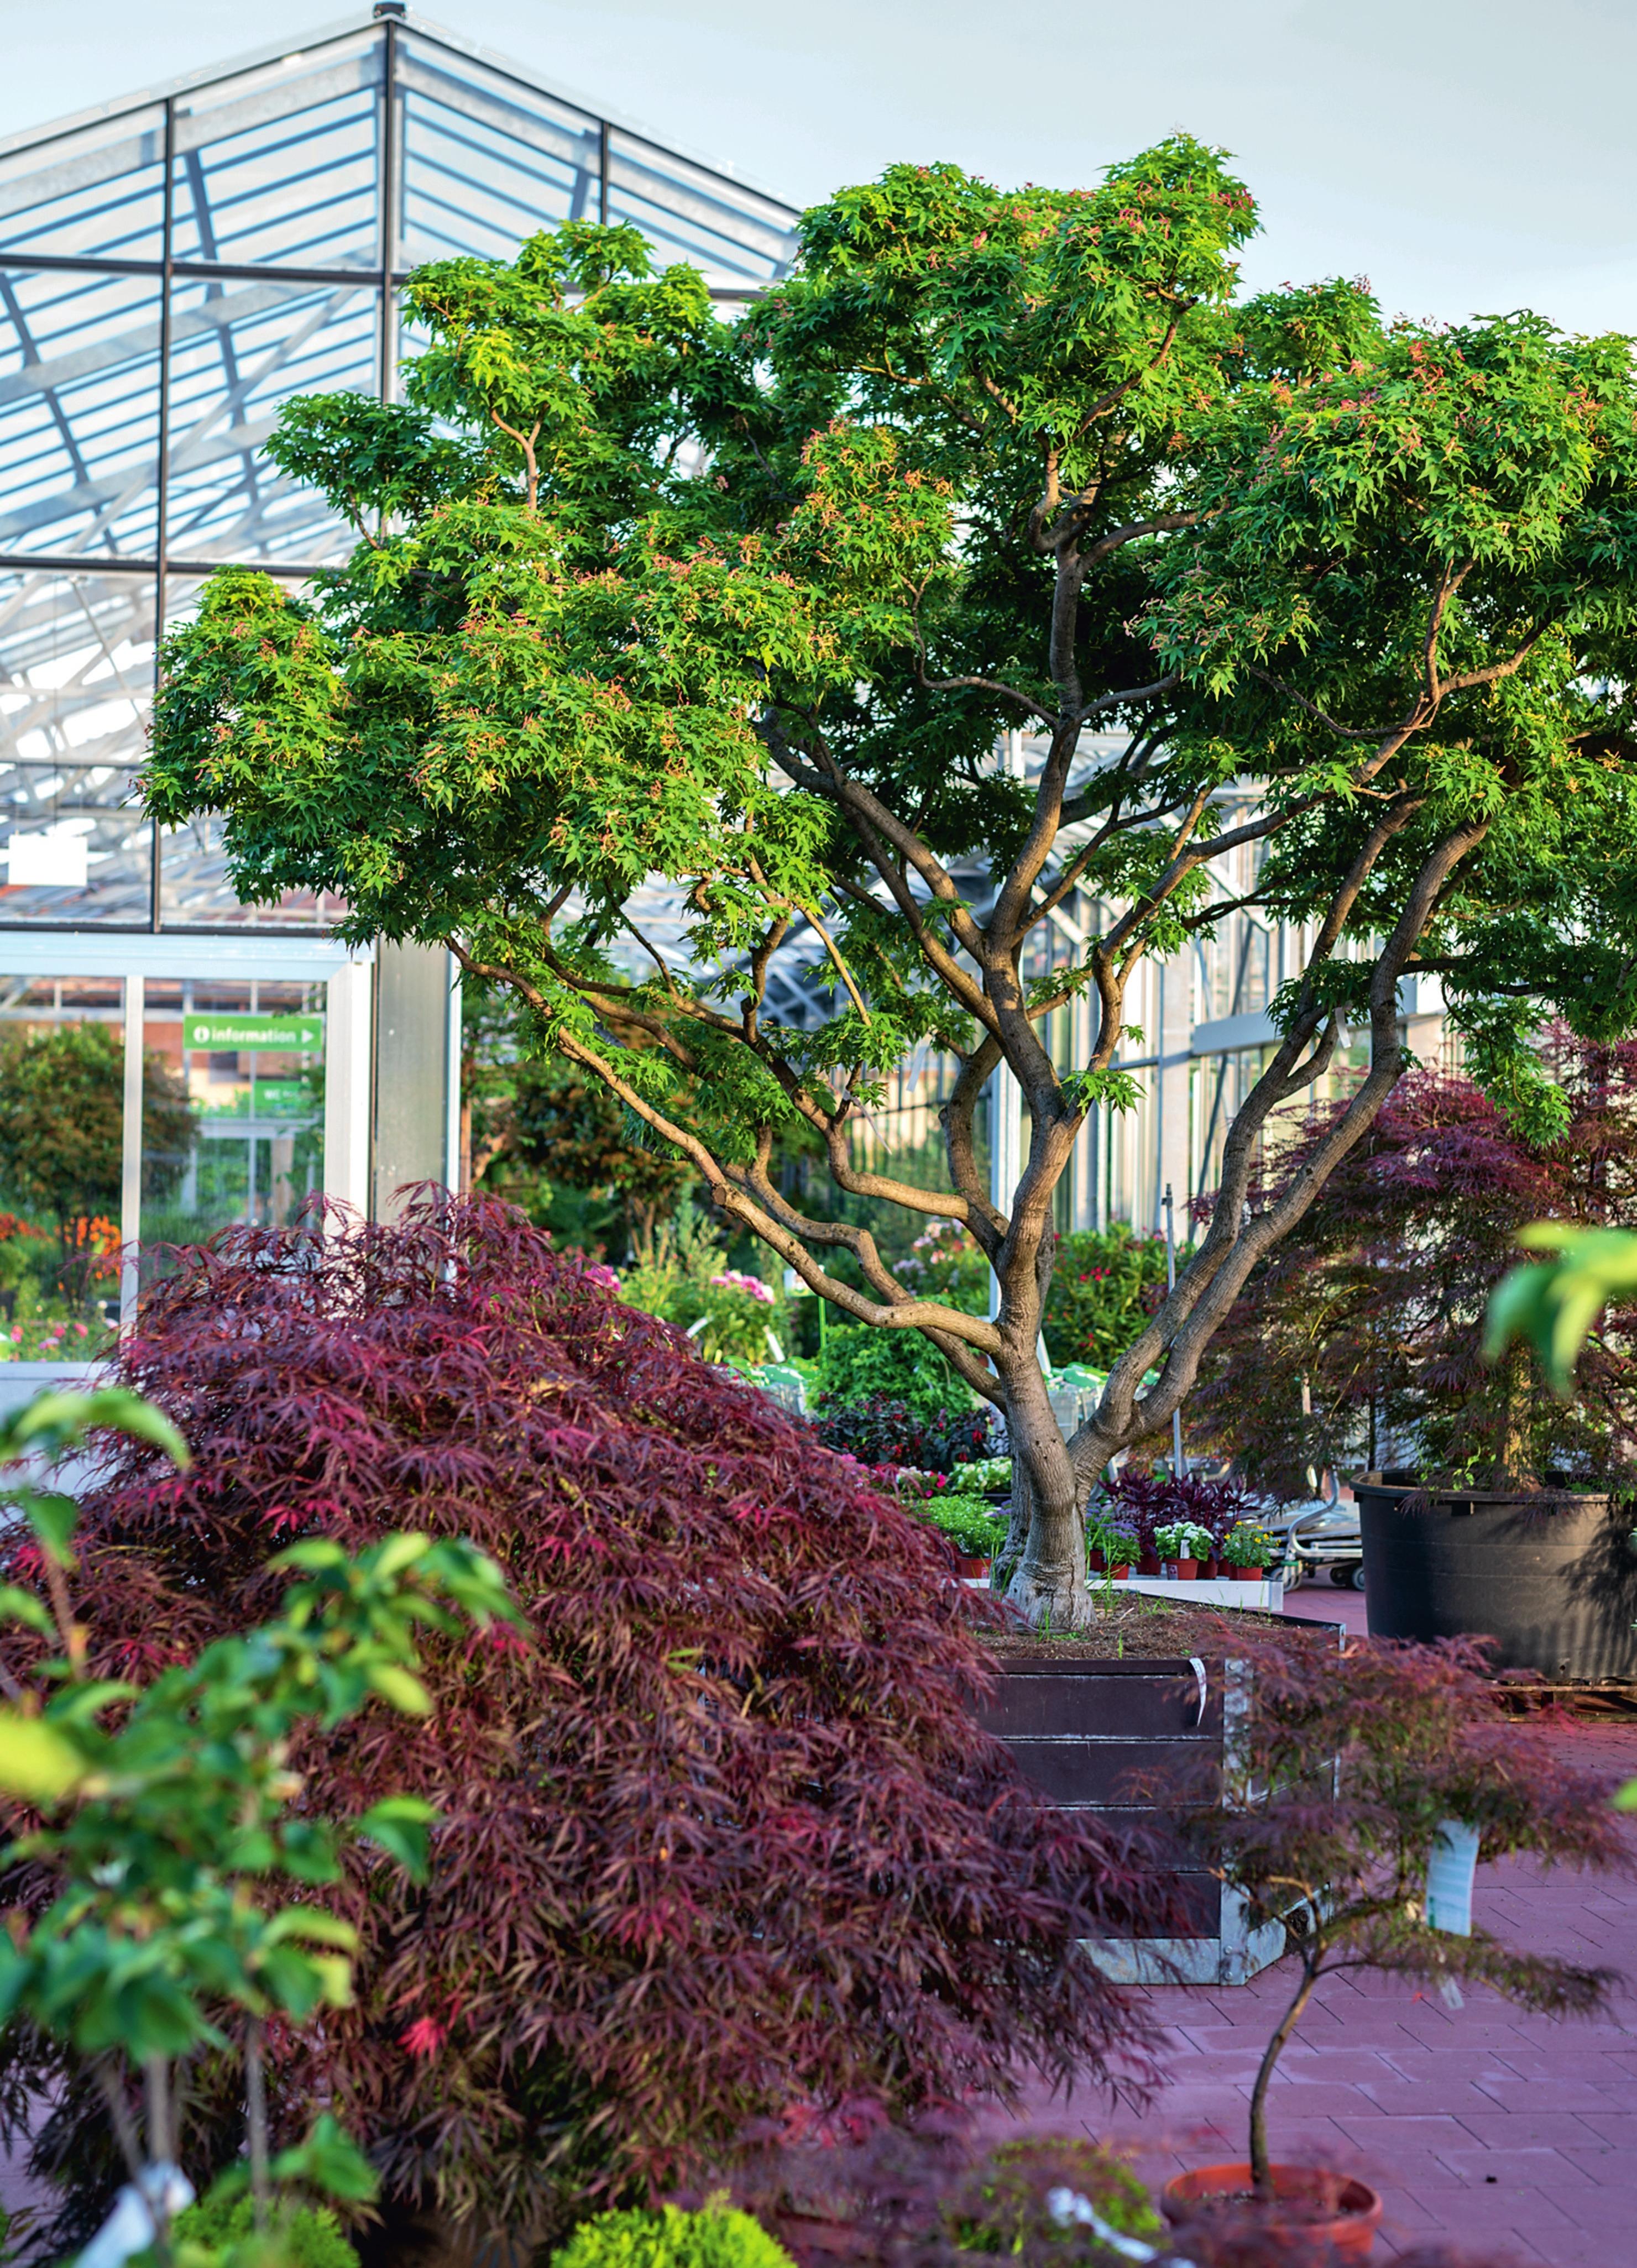 Daepp ist Spezialist für Charakterpflanzen wie Bäume, Solitärgehölze und Gartenbonsai.